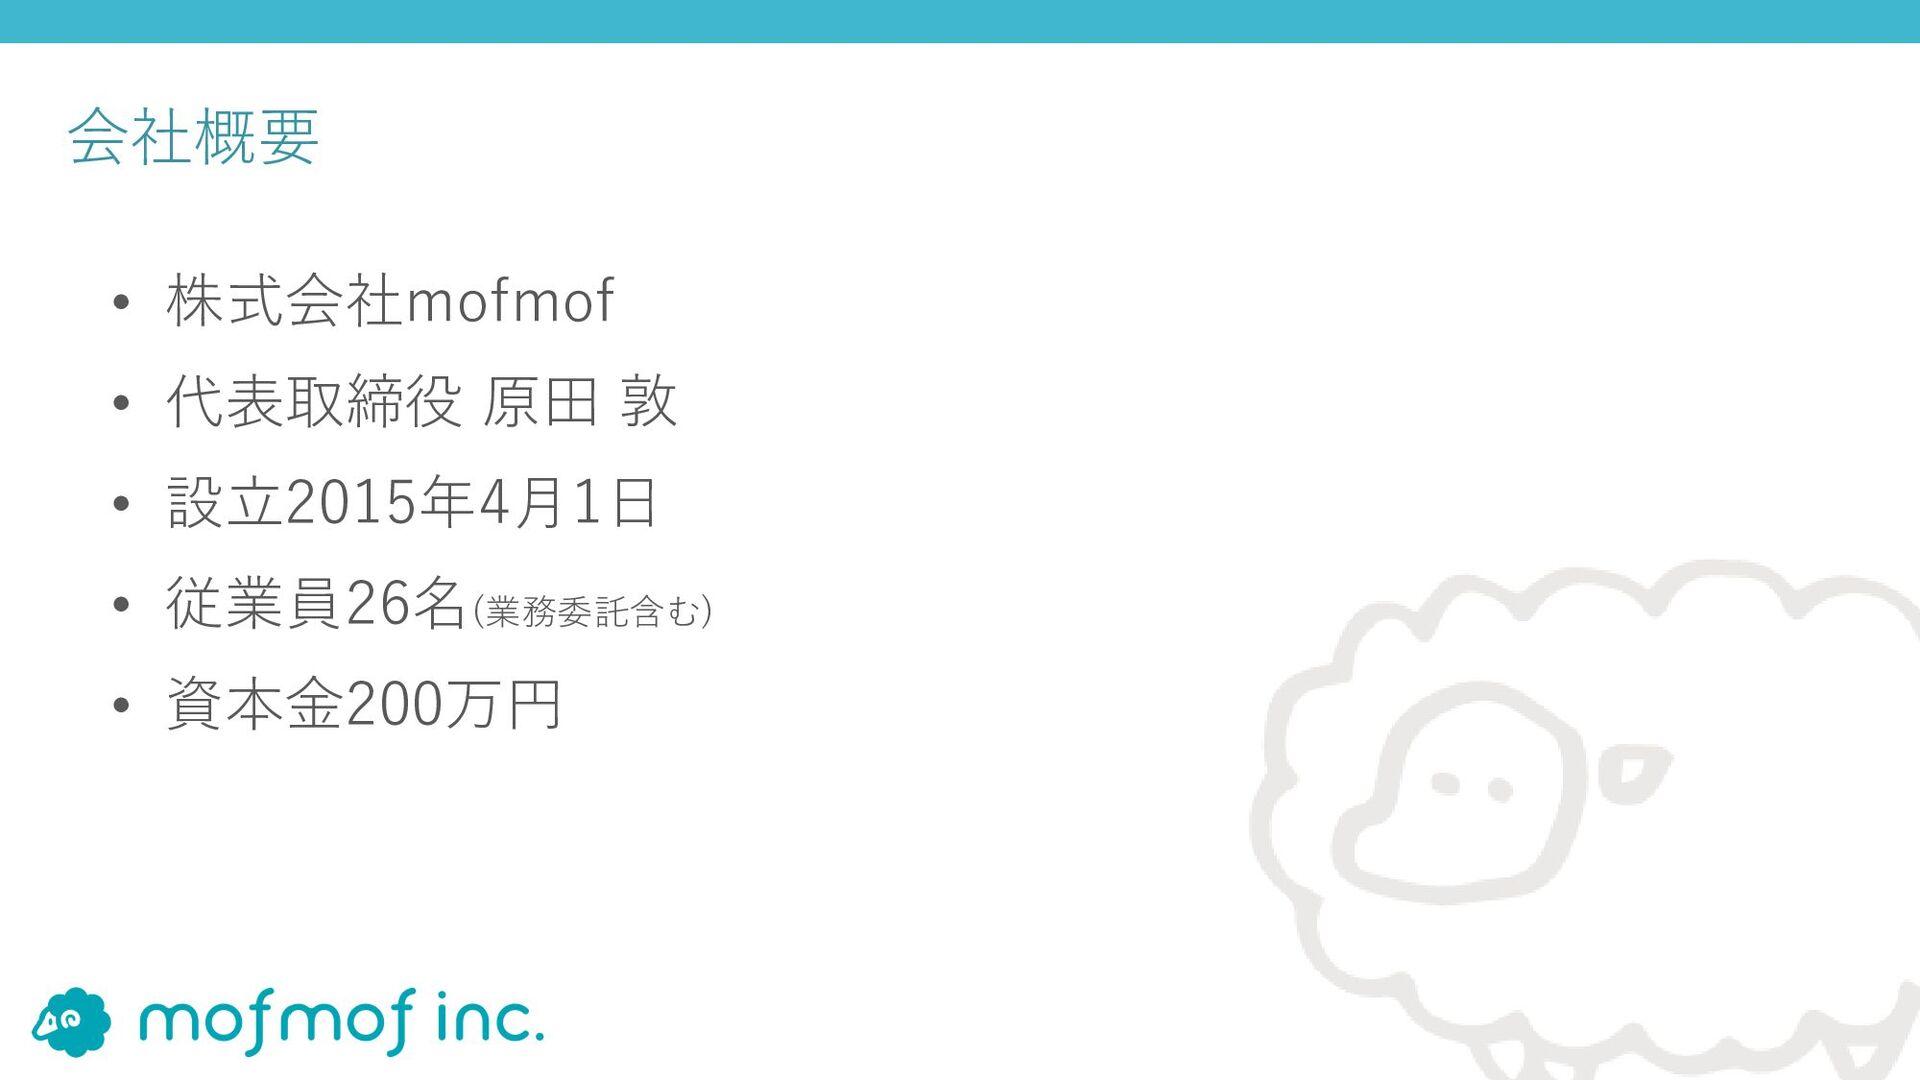 会社概要 • 株式会社mofmof • 代表取締役 原⽥ 敦 • 設⽴2015年4⽉1⽇ • ...